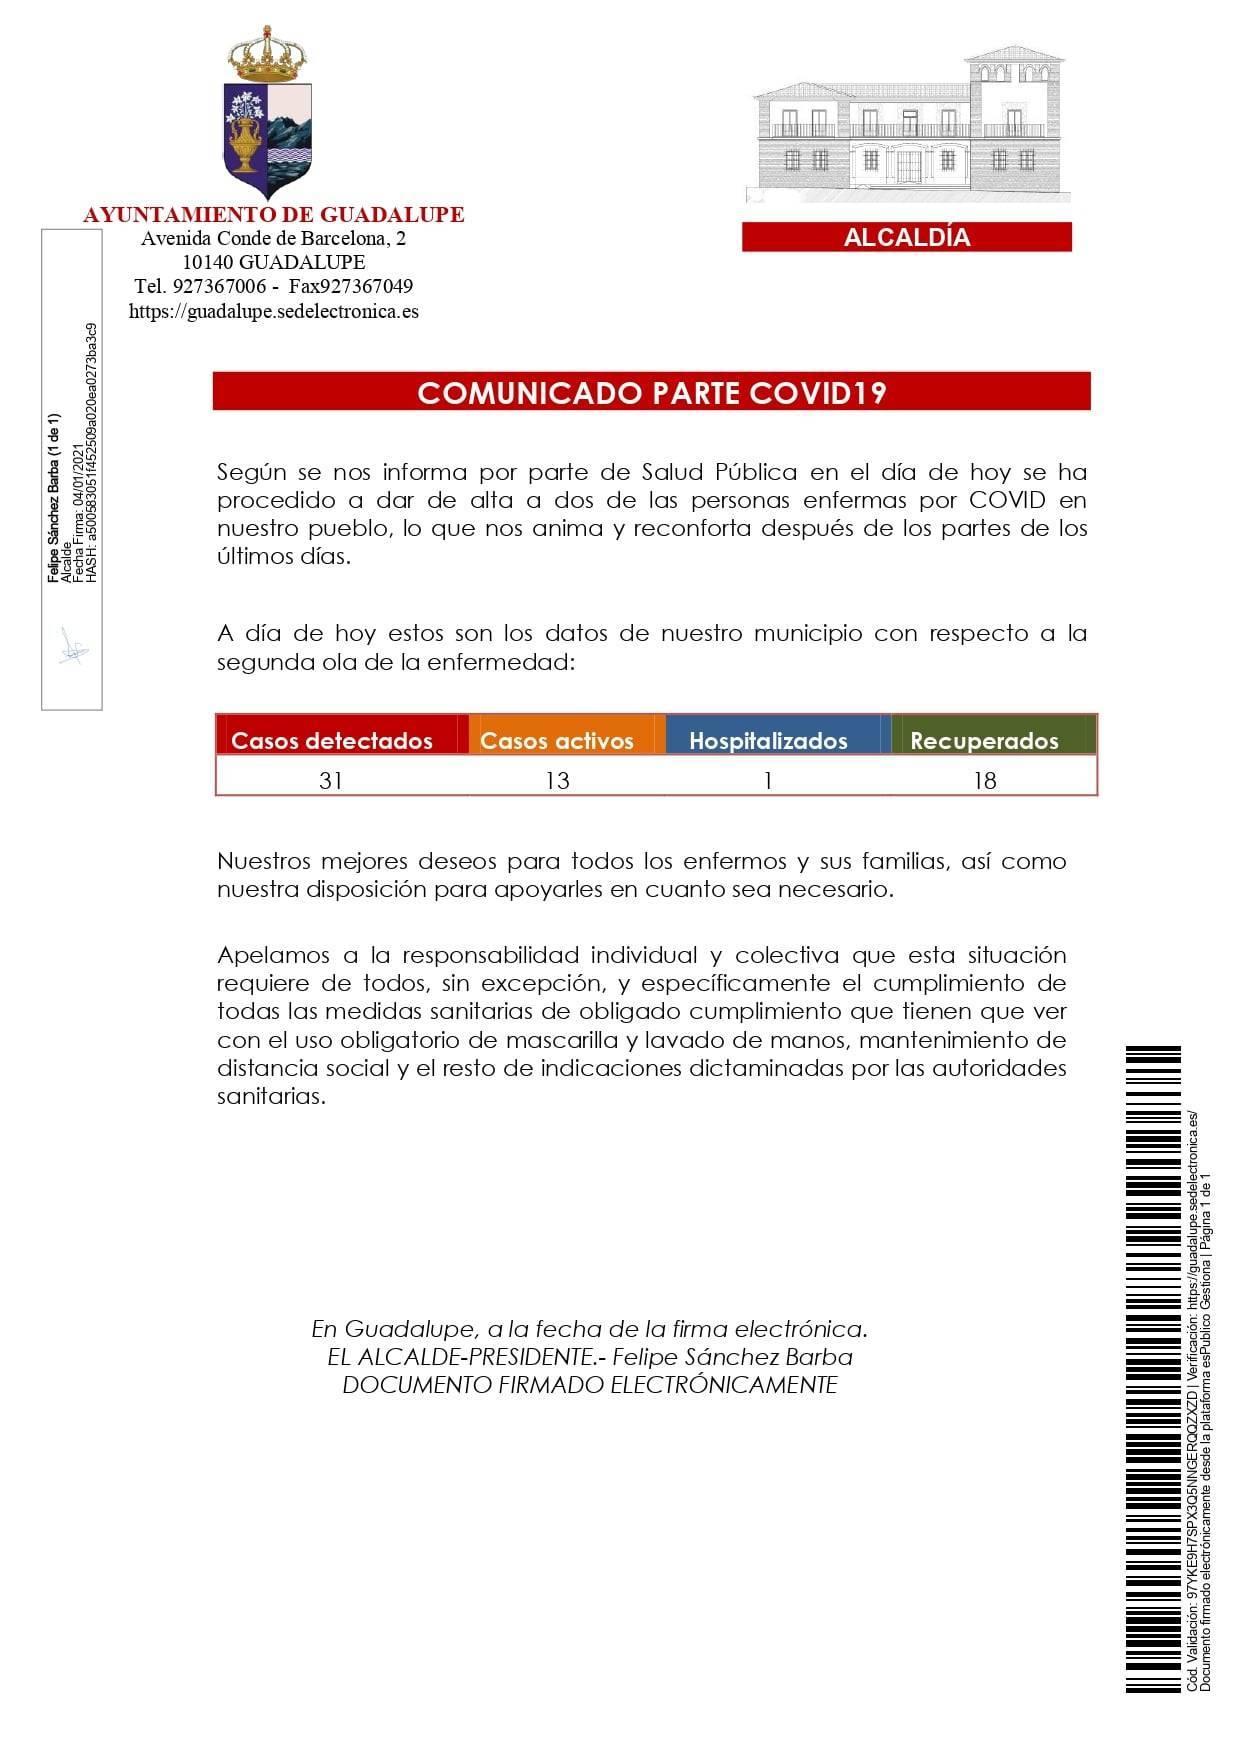 Un hospitalizado y 2 nuevas altas de COVID-19 (enero 2021) - Guadalupe (Cáceres) 2